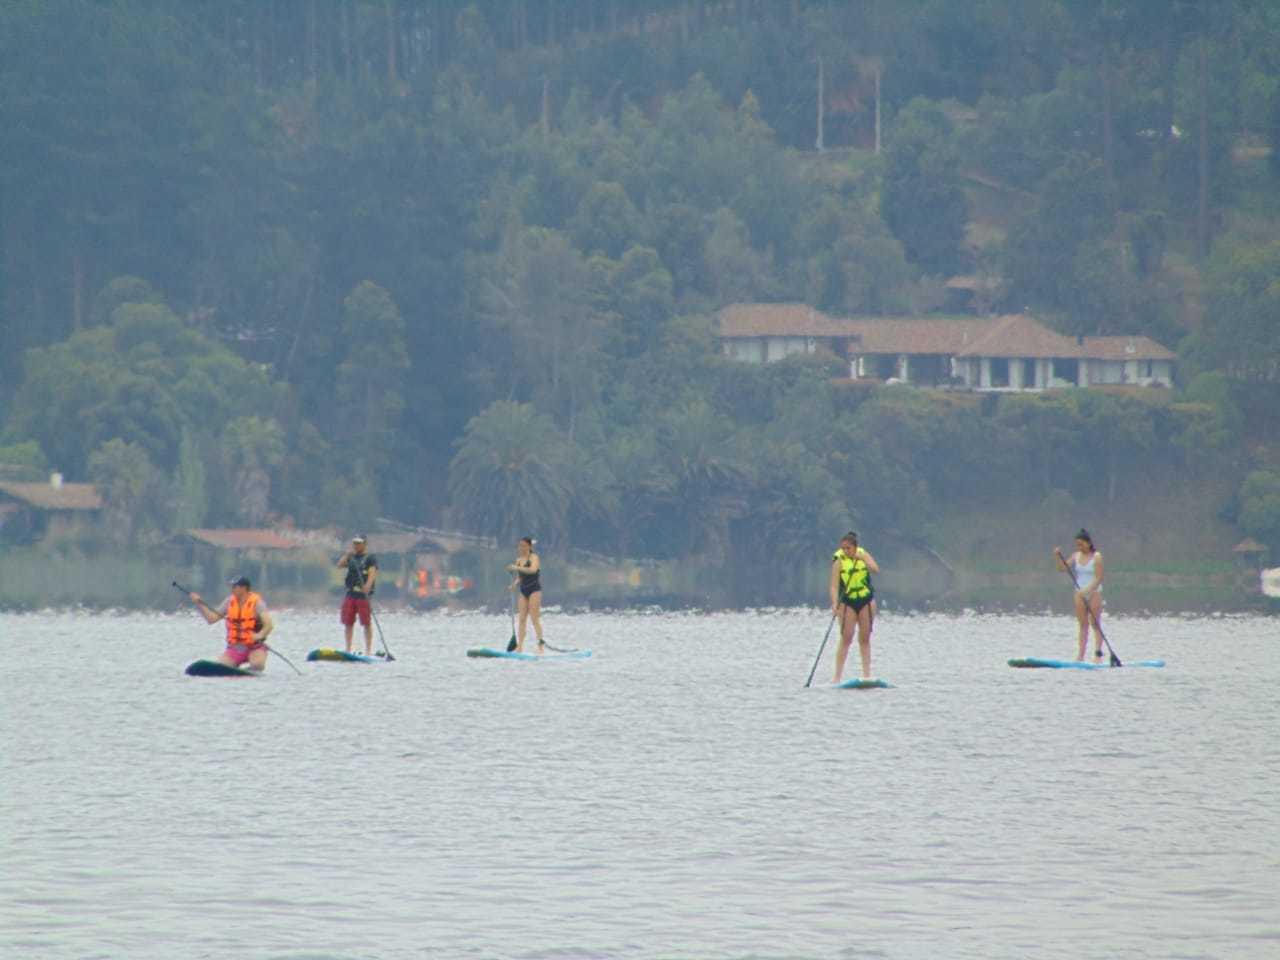 Travesía de SUP (Stand-Up Paddle) en el Lago Vichuquén